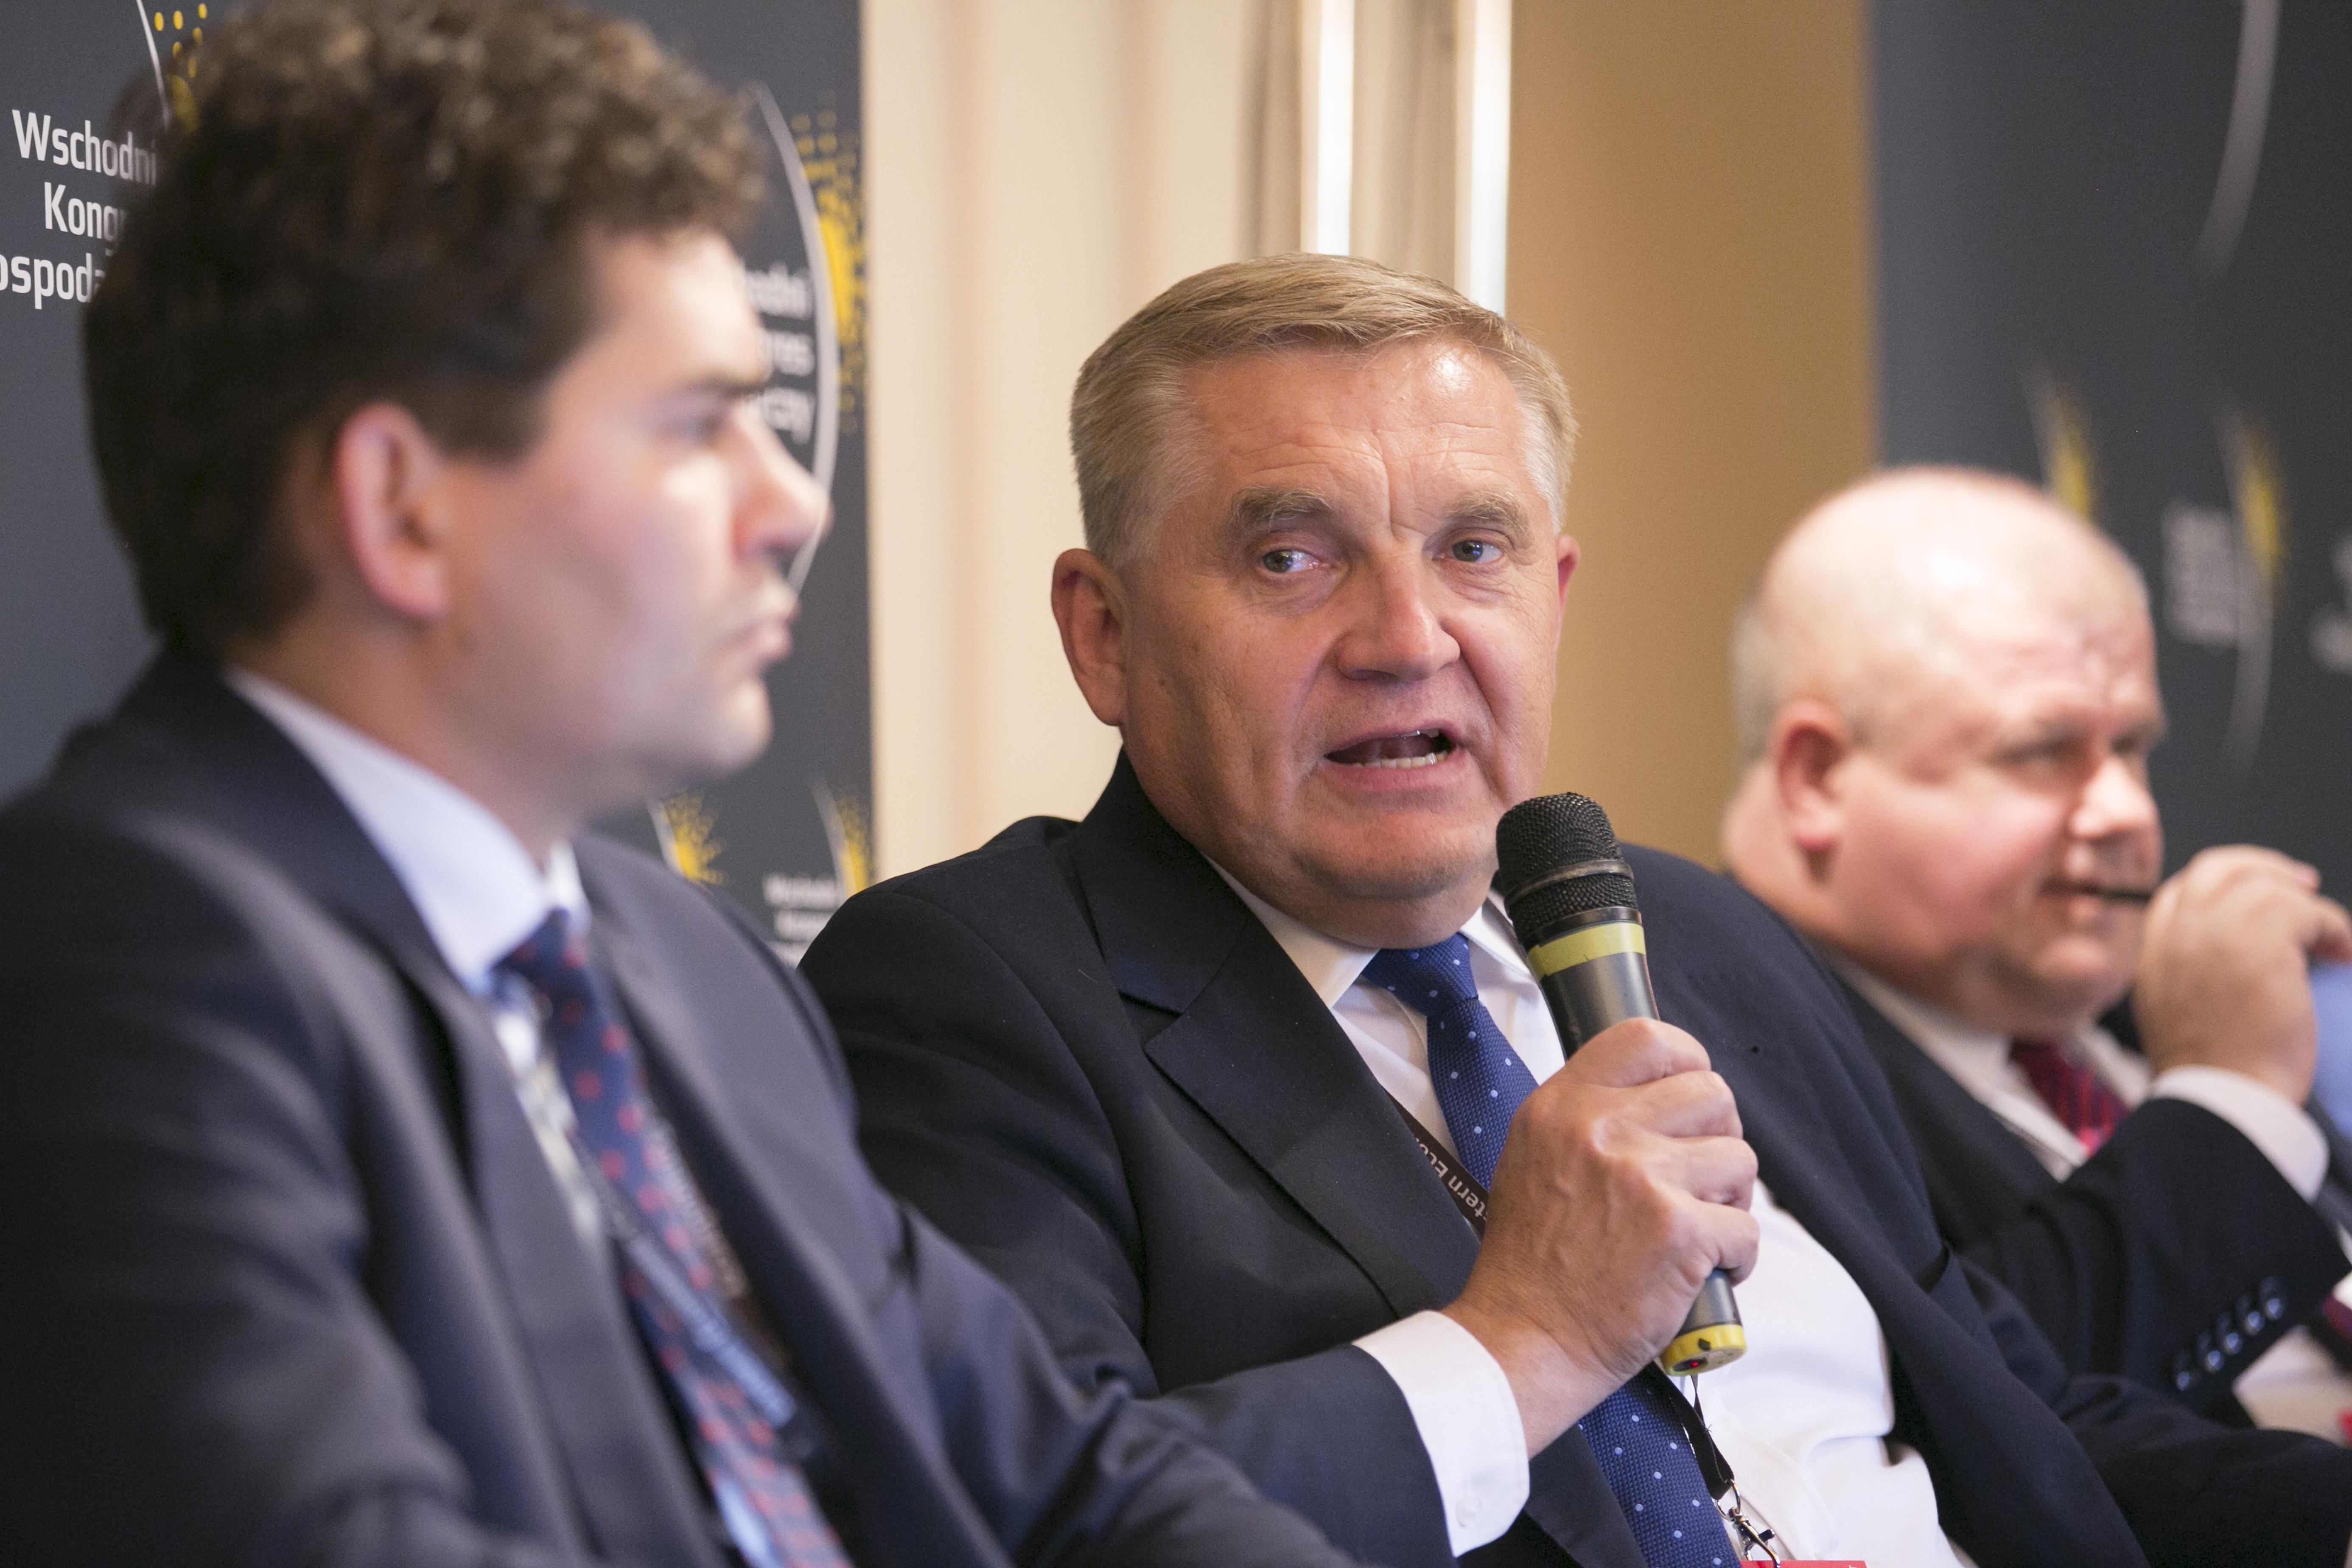 Prezydent Białegostoku Tadeusz Truskolaski. Fot. PTWP